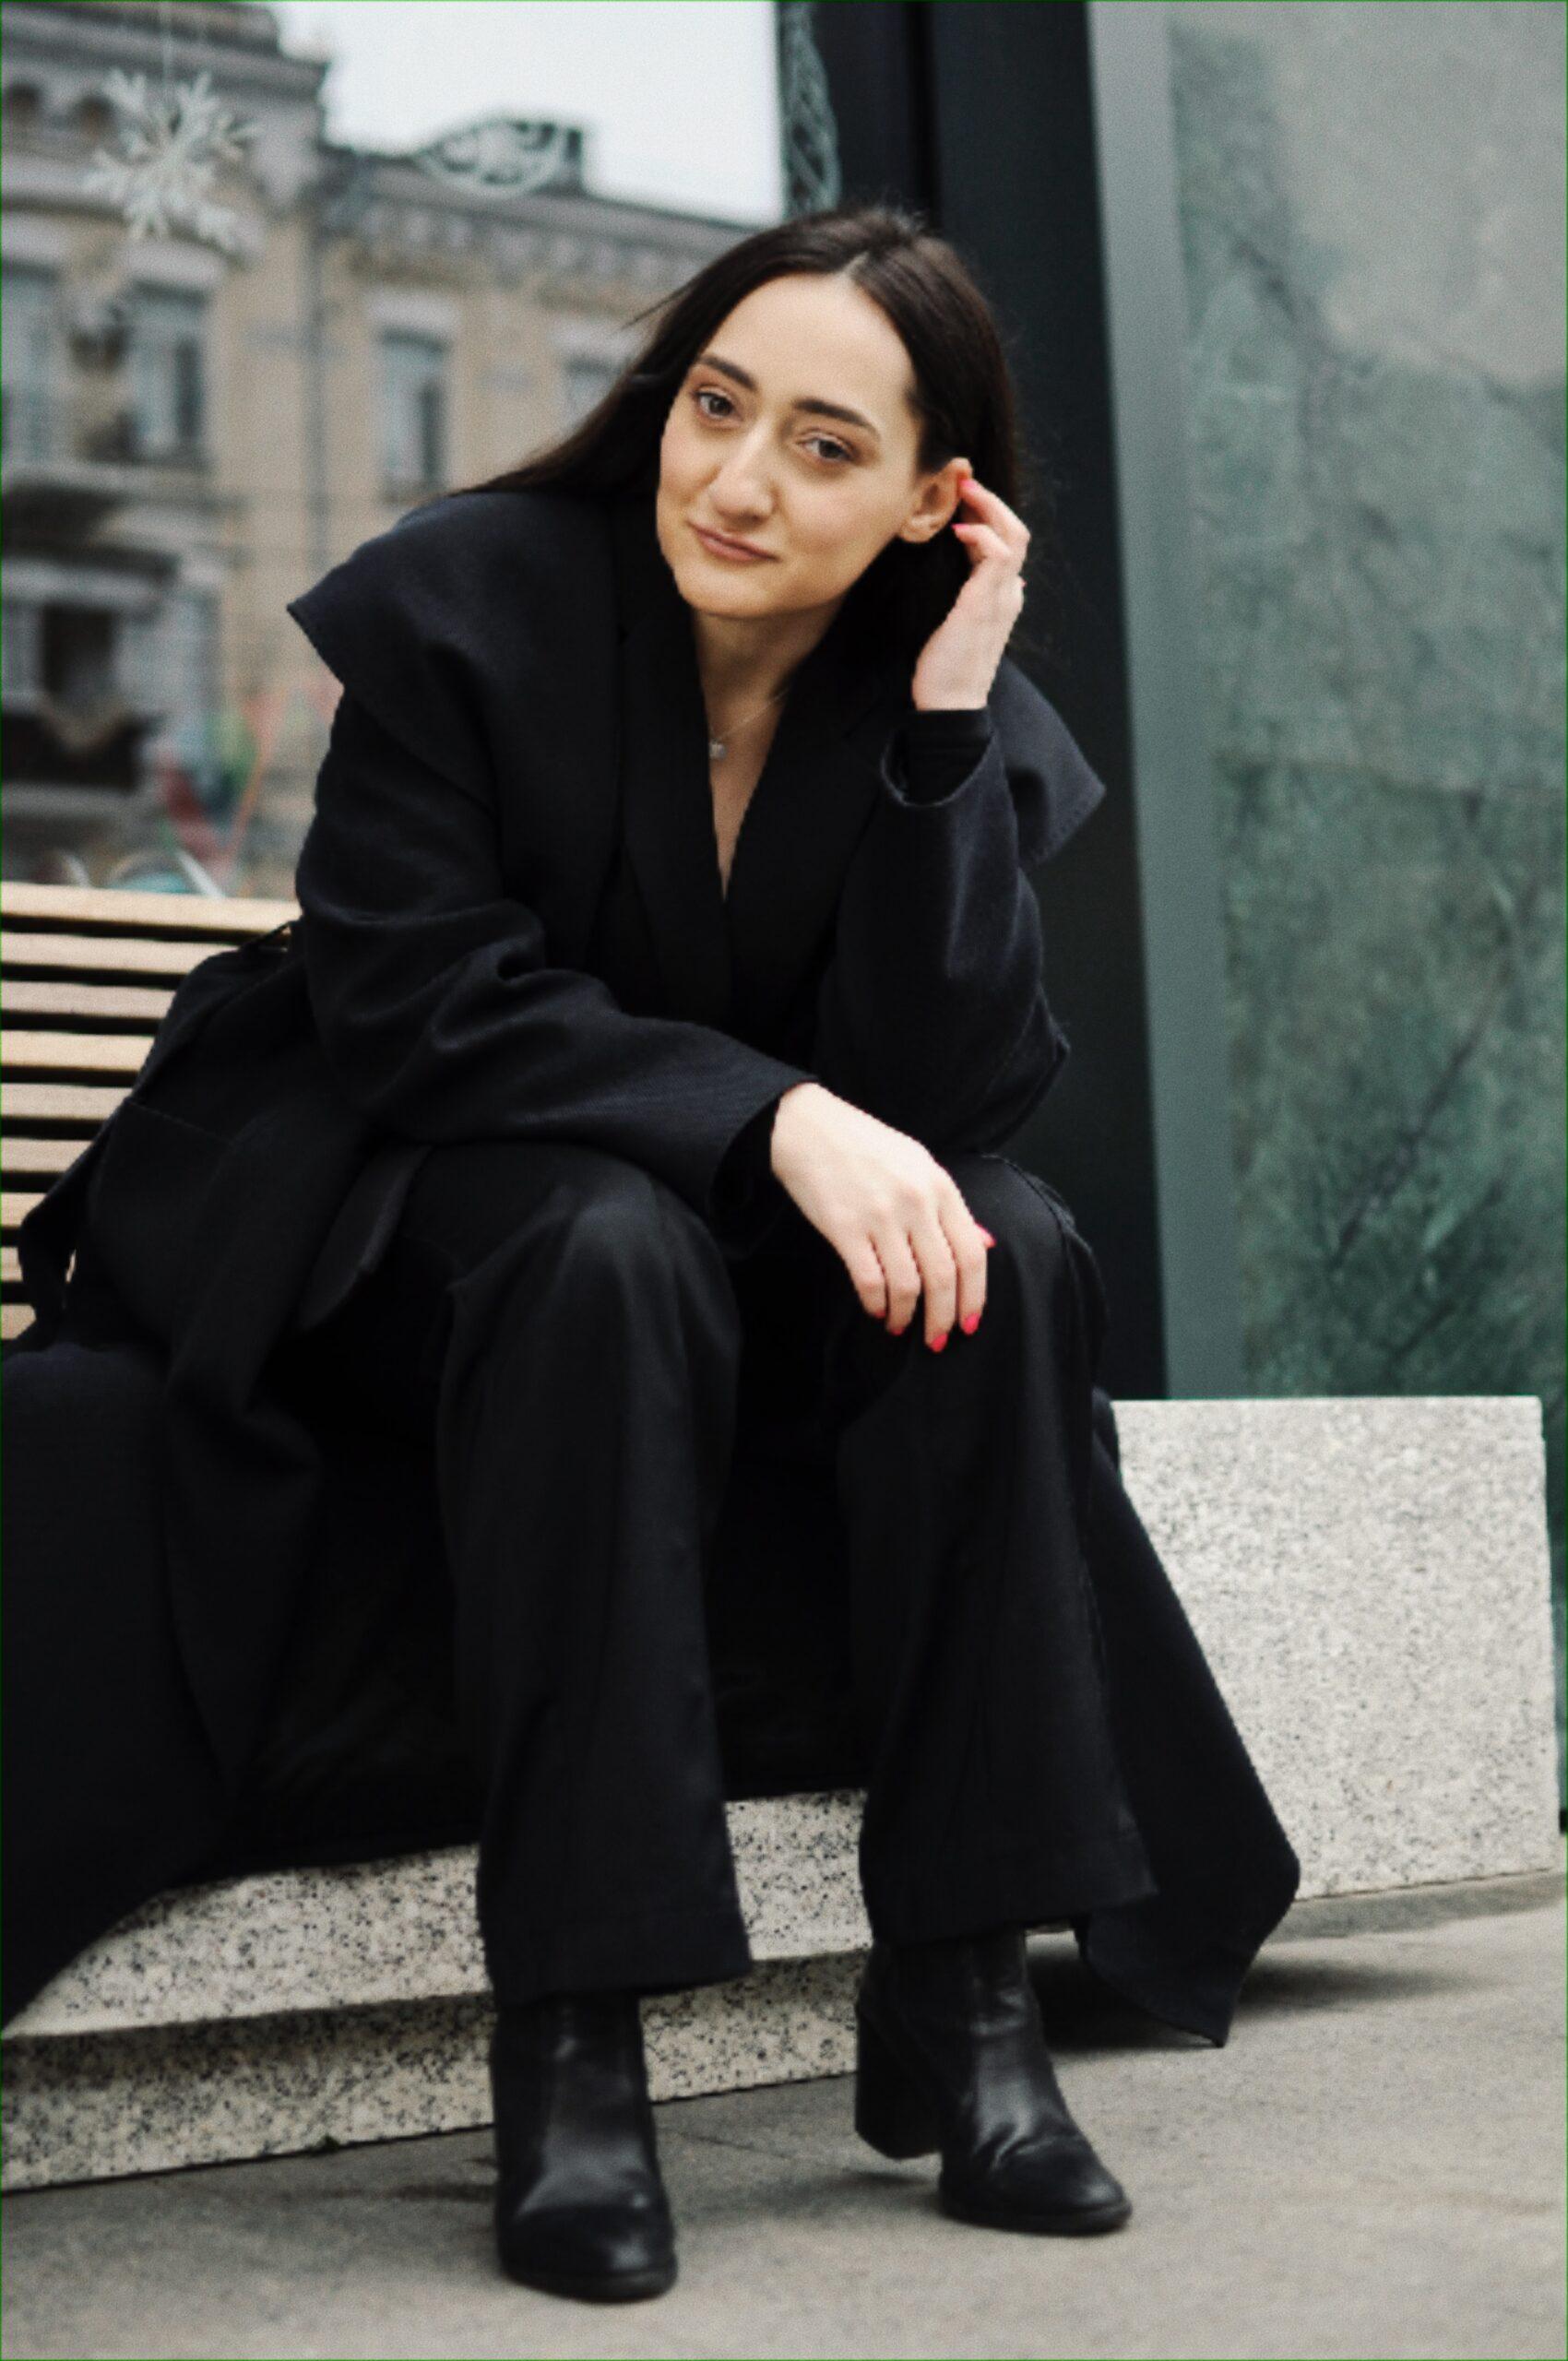 Лиана Габулян, тренер по эмоциональному интеллекту и руководитель направления консалтинга международной компании Бизнес-конструктор